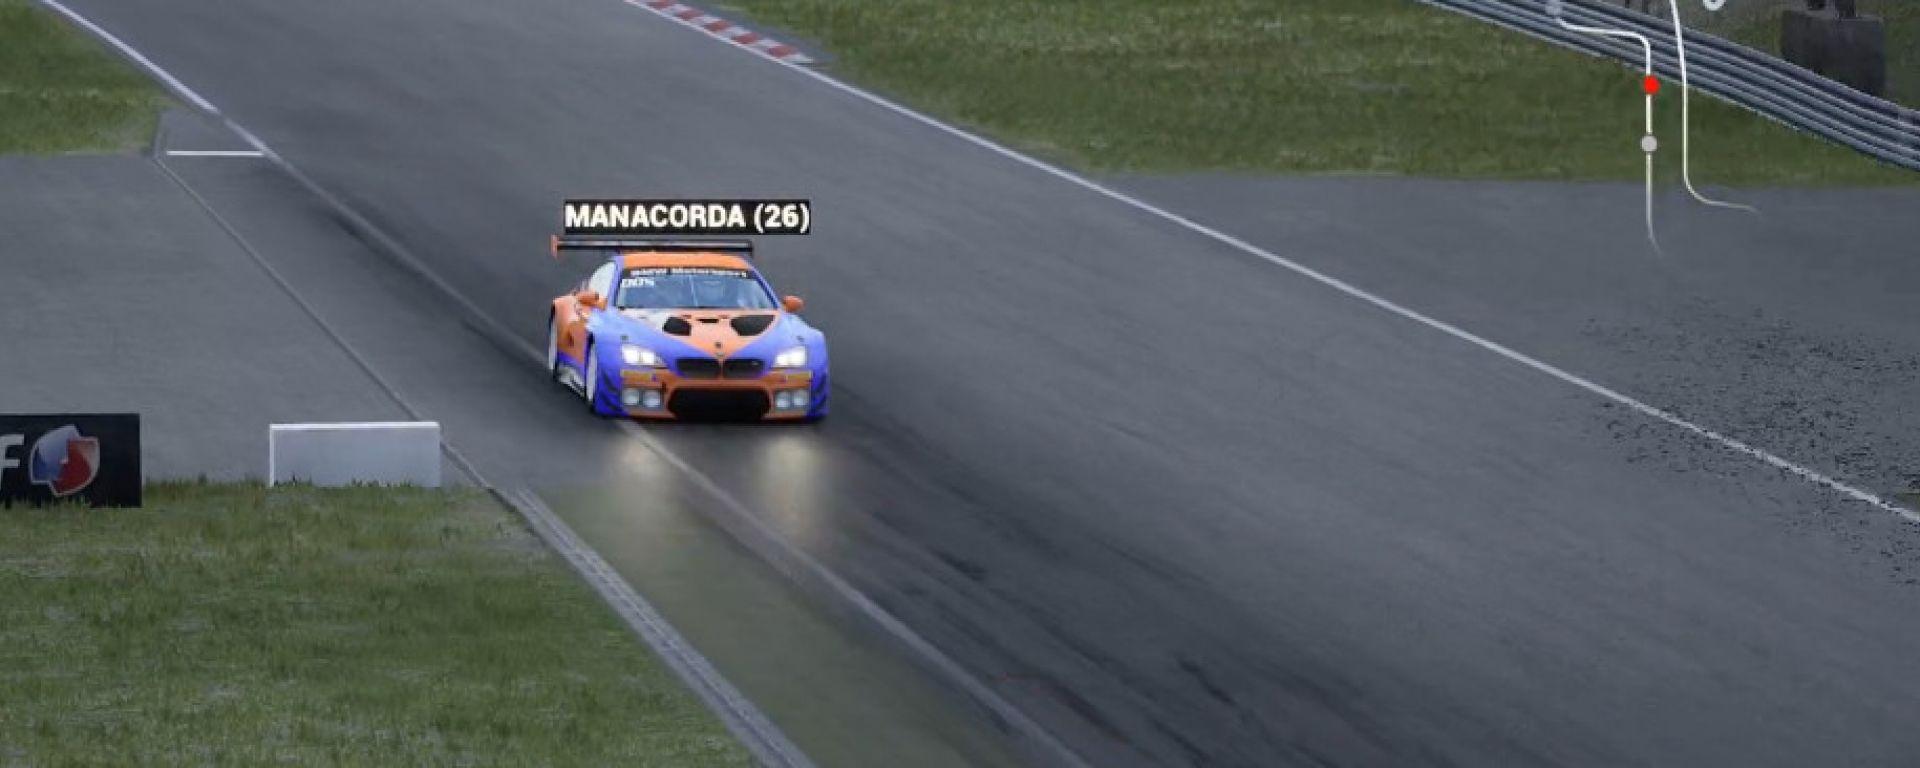 Bmw Sim Media Challenge 2020, Luca Manacorda al volante della BMW M6 di MotorBox